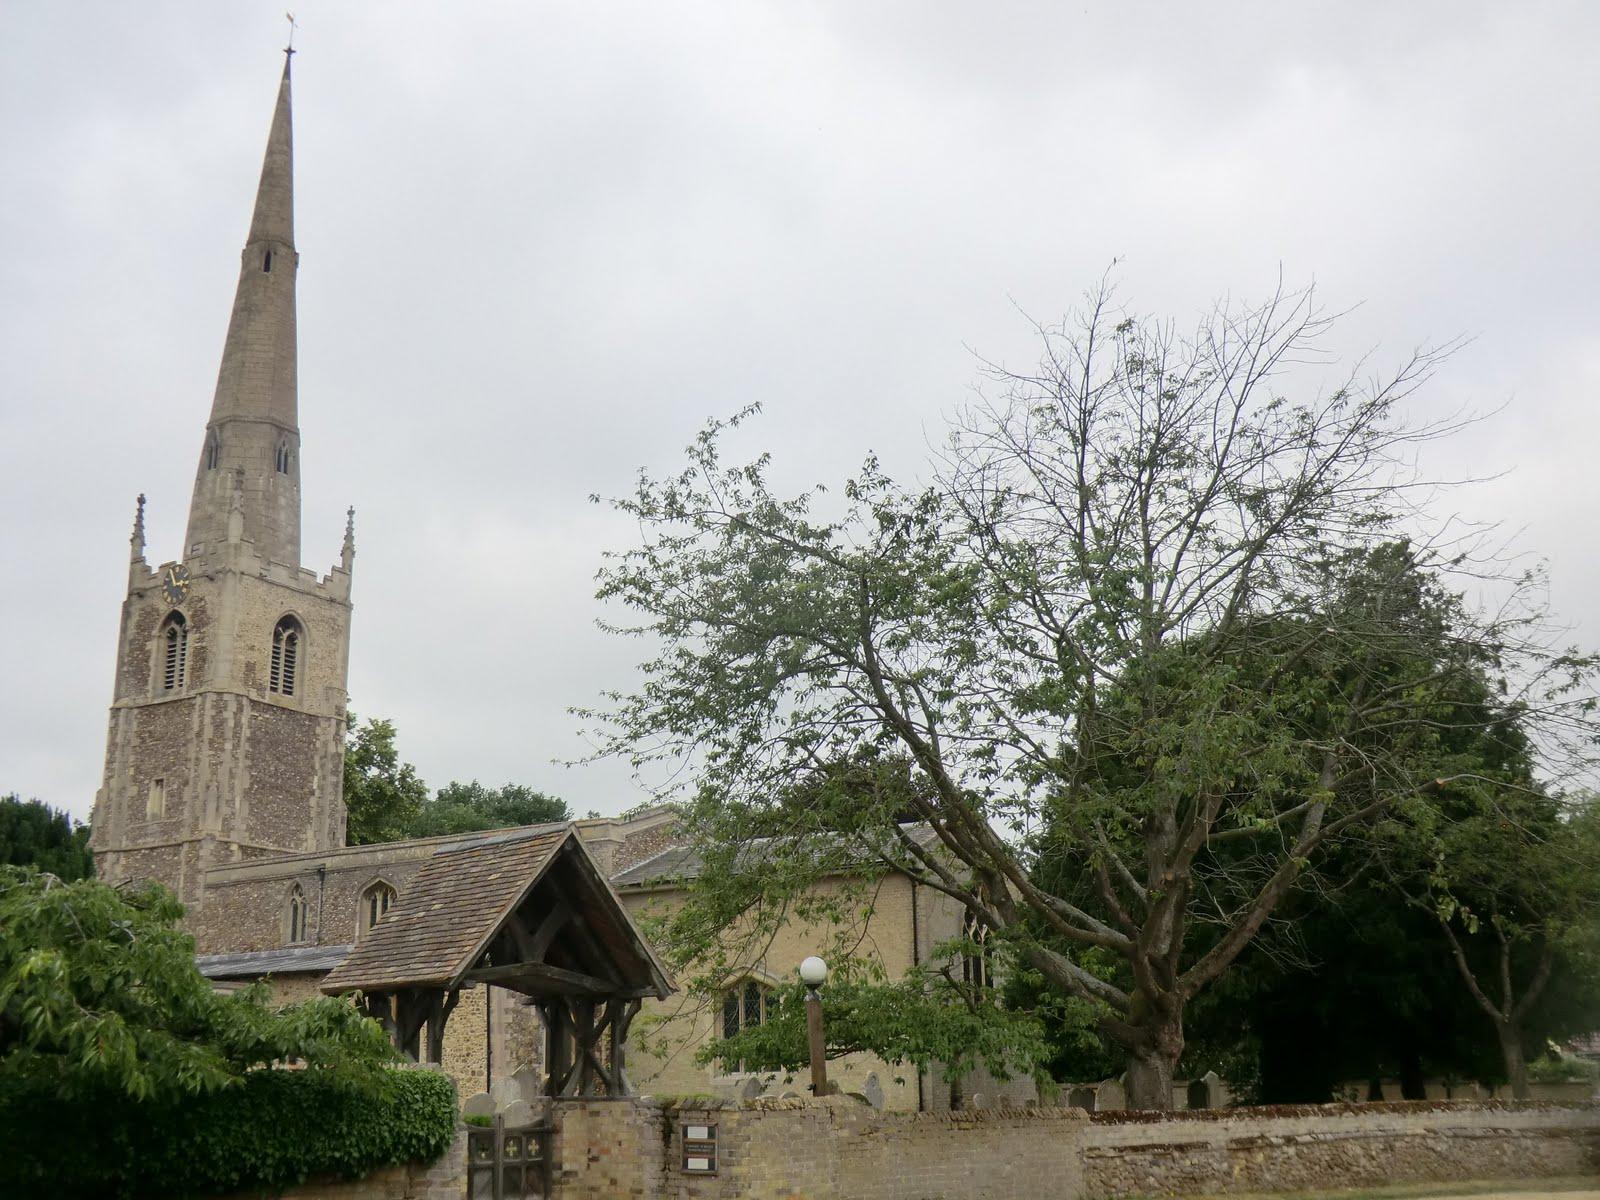 CIMG7786 St Margaret's church, Hemingford Abbots